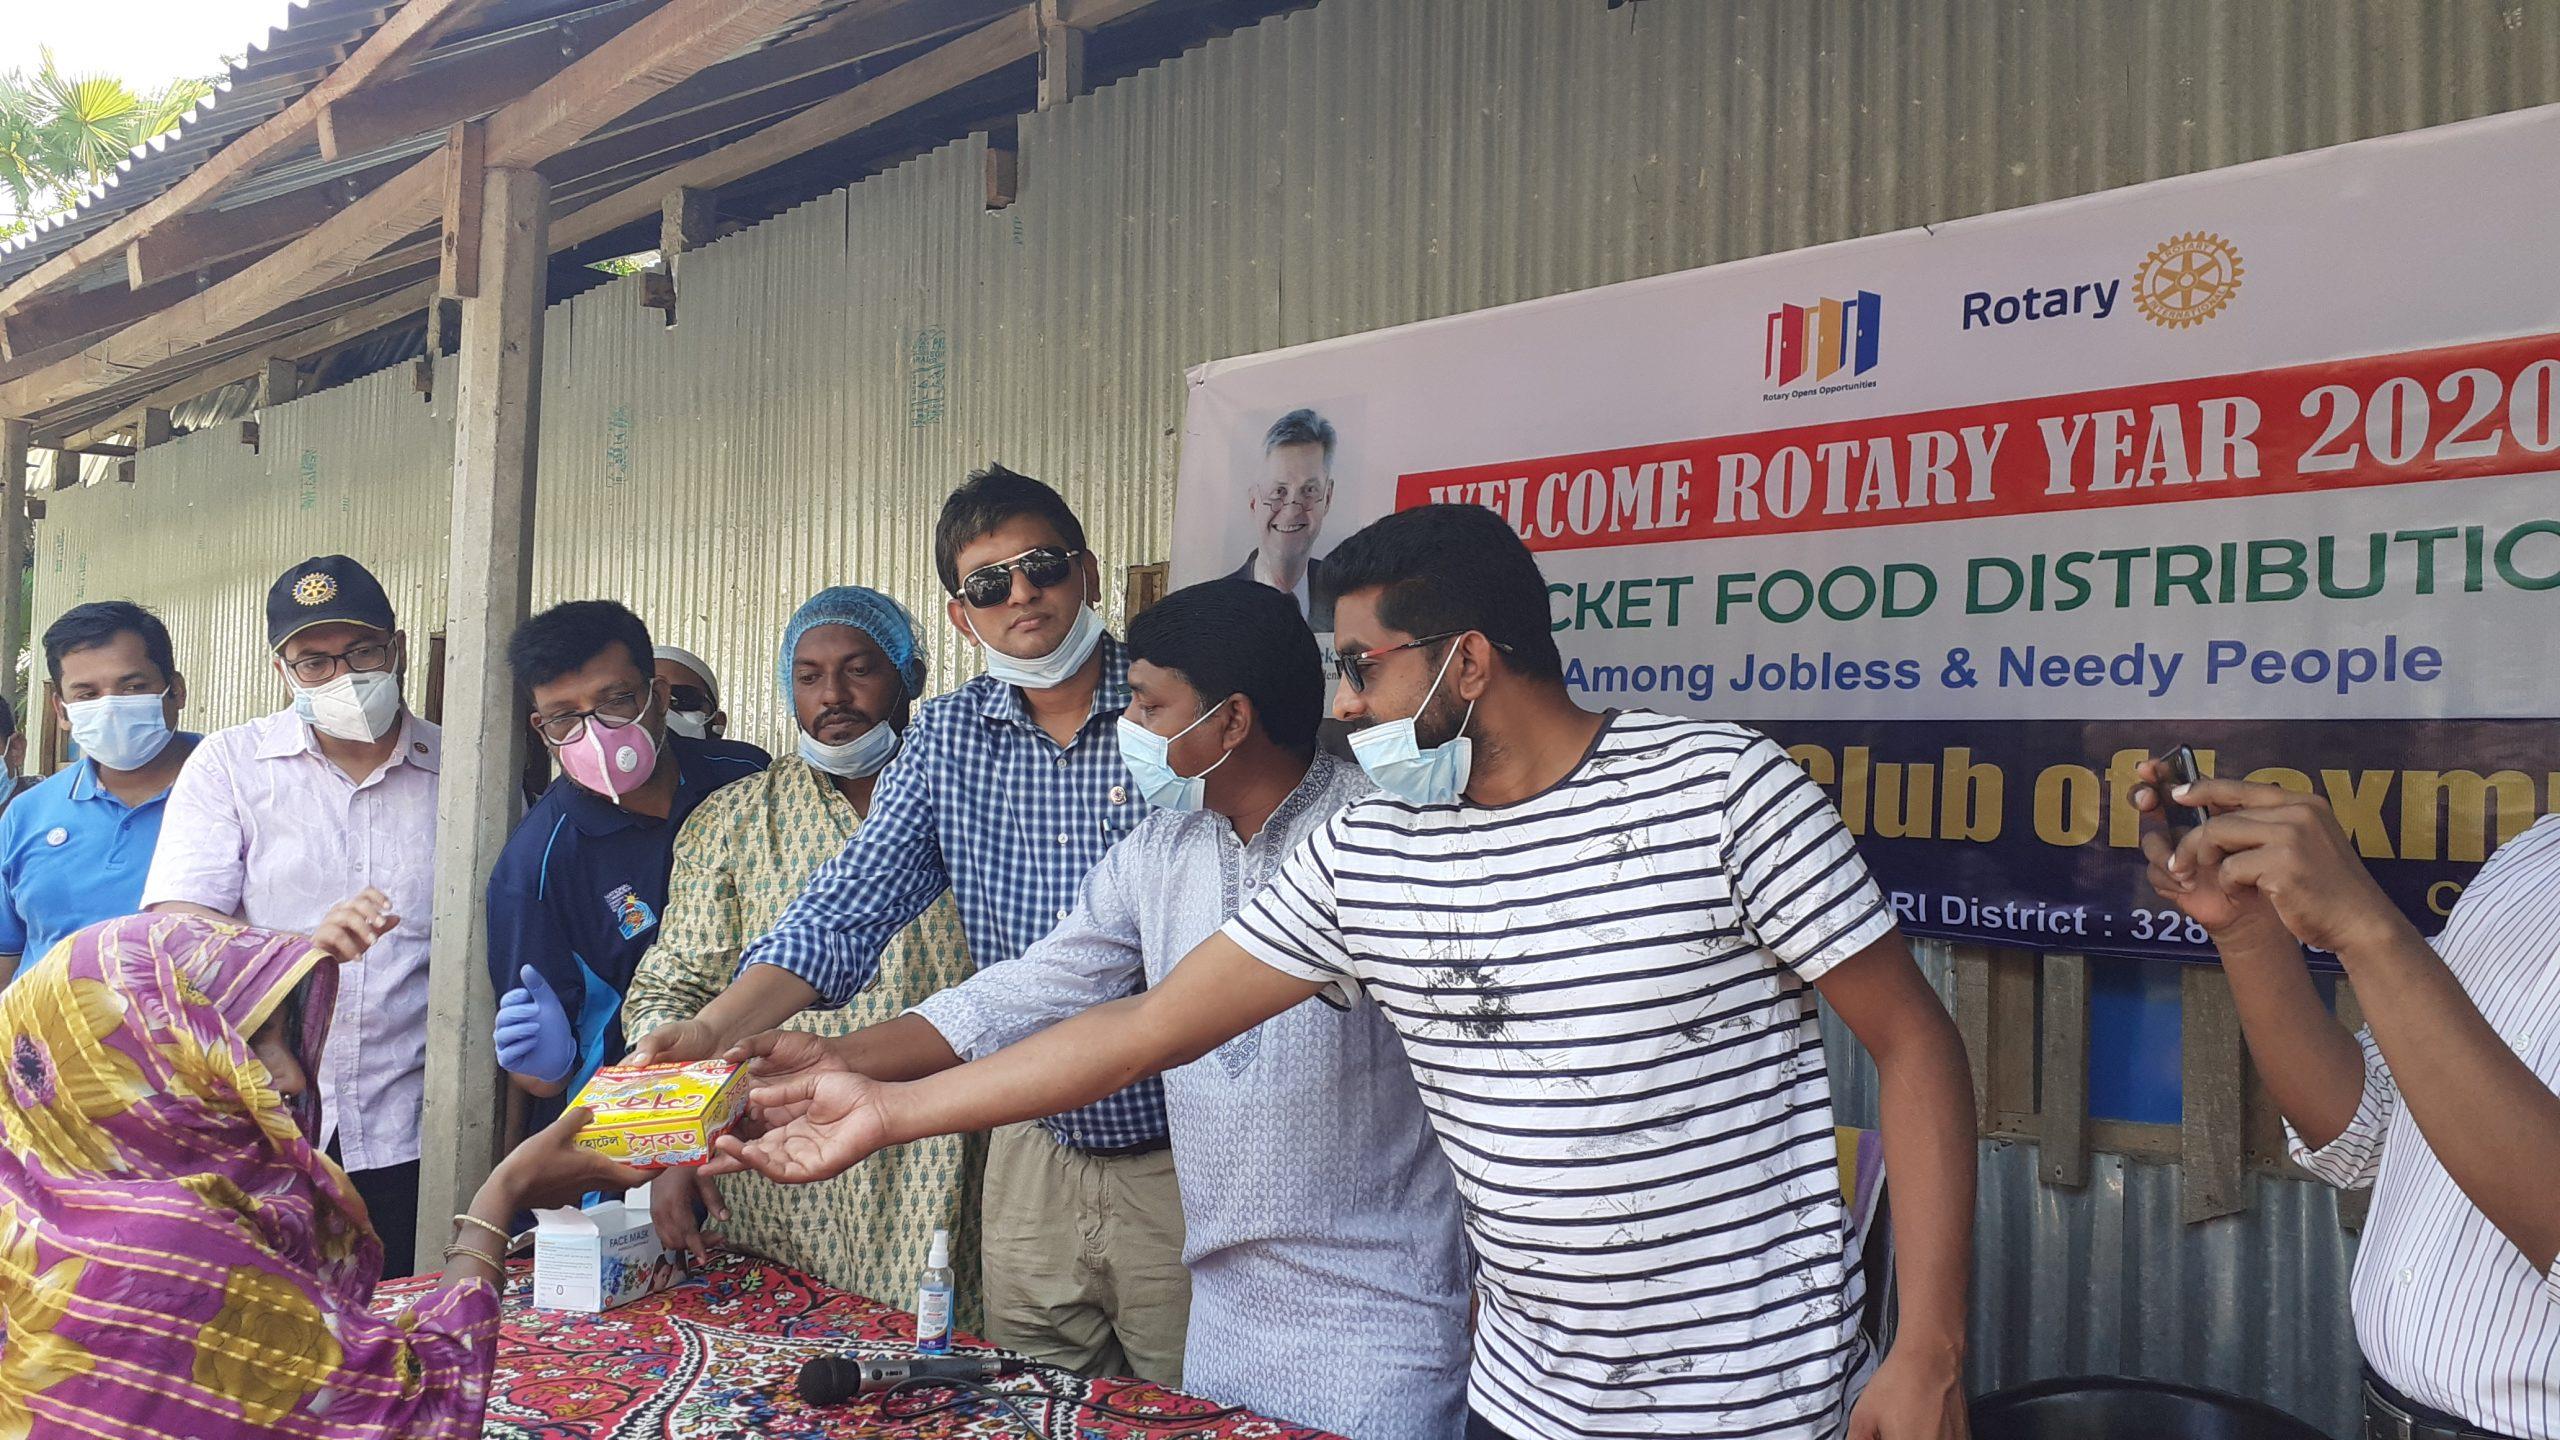 কমলনগরে নদীভাঙা ৪'শ মানুষকে একবেলা খাবার দিল রোটারি ক্লাব লক্ষ্মীপুর